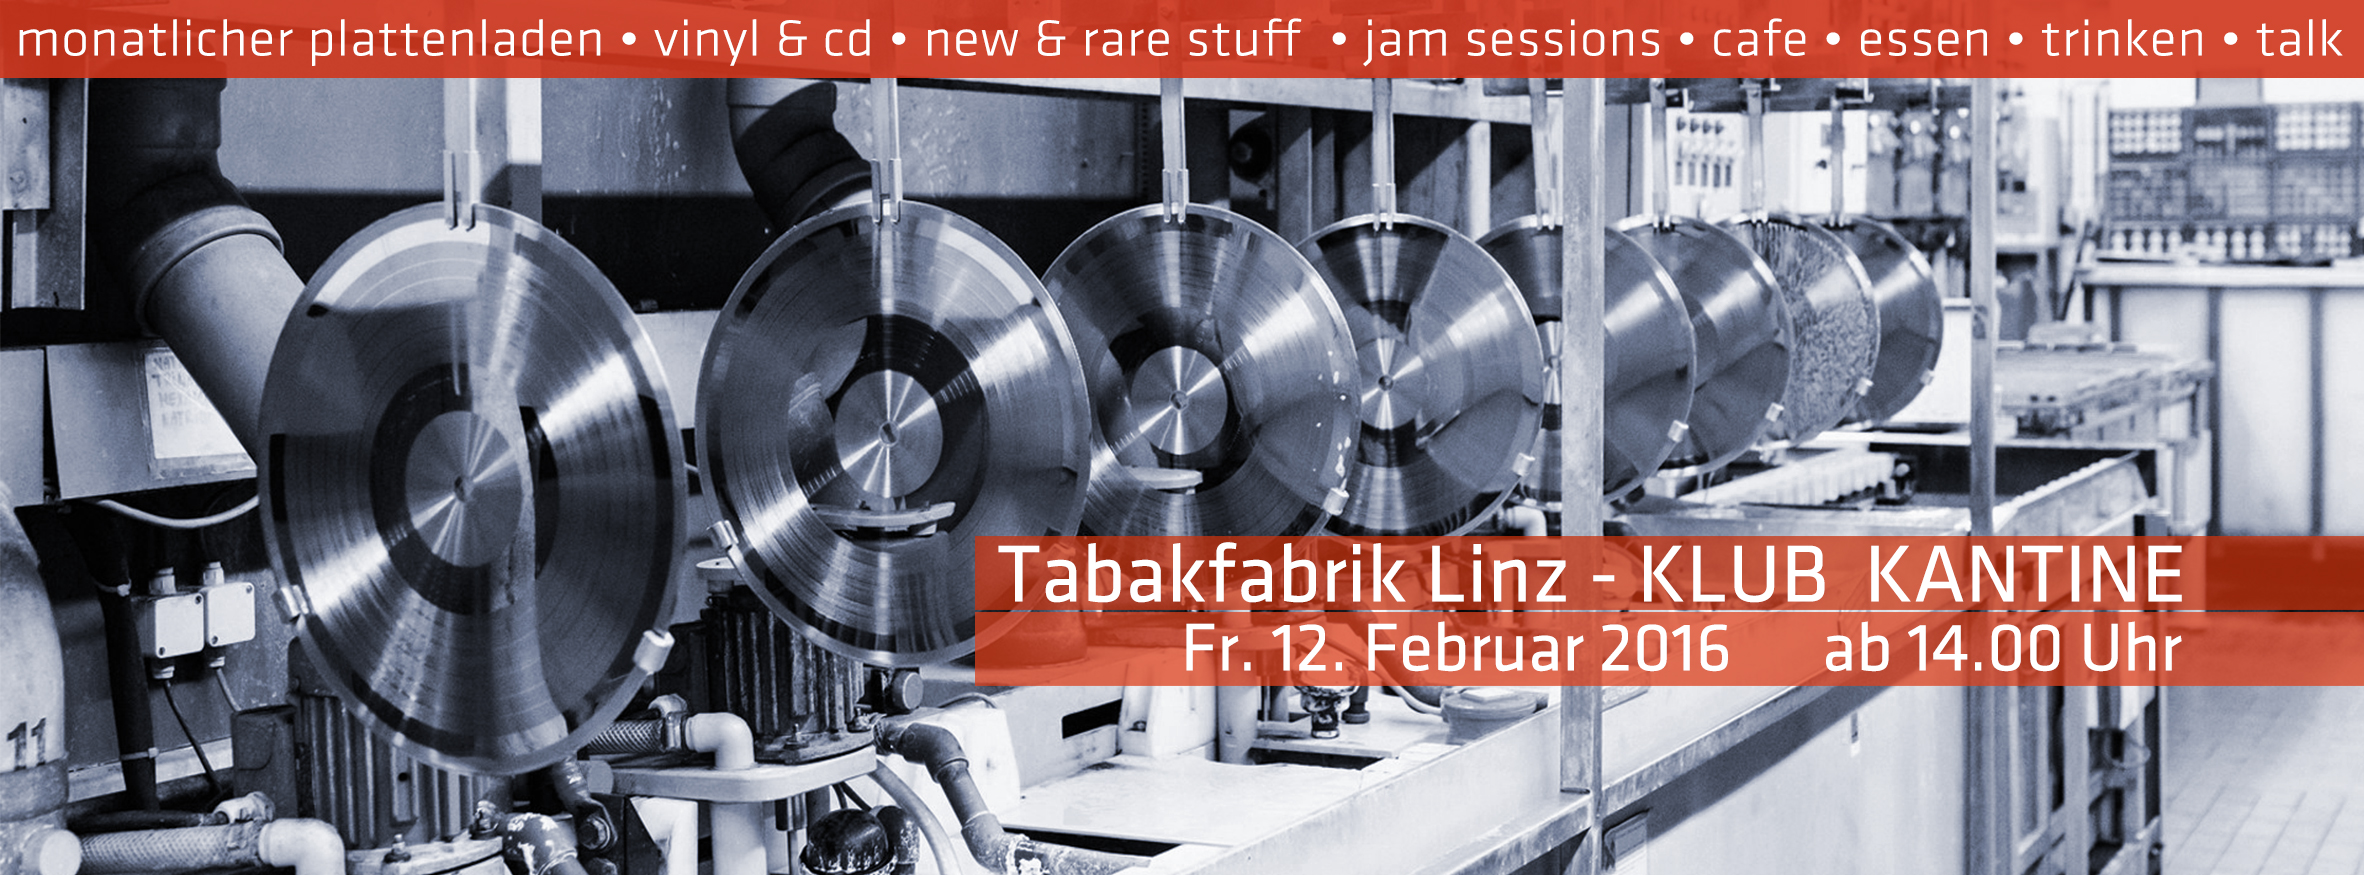 Musik-Kantine__12.Feb-2016_Tabakfabrik